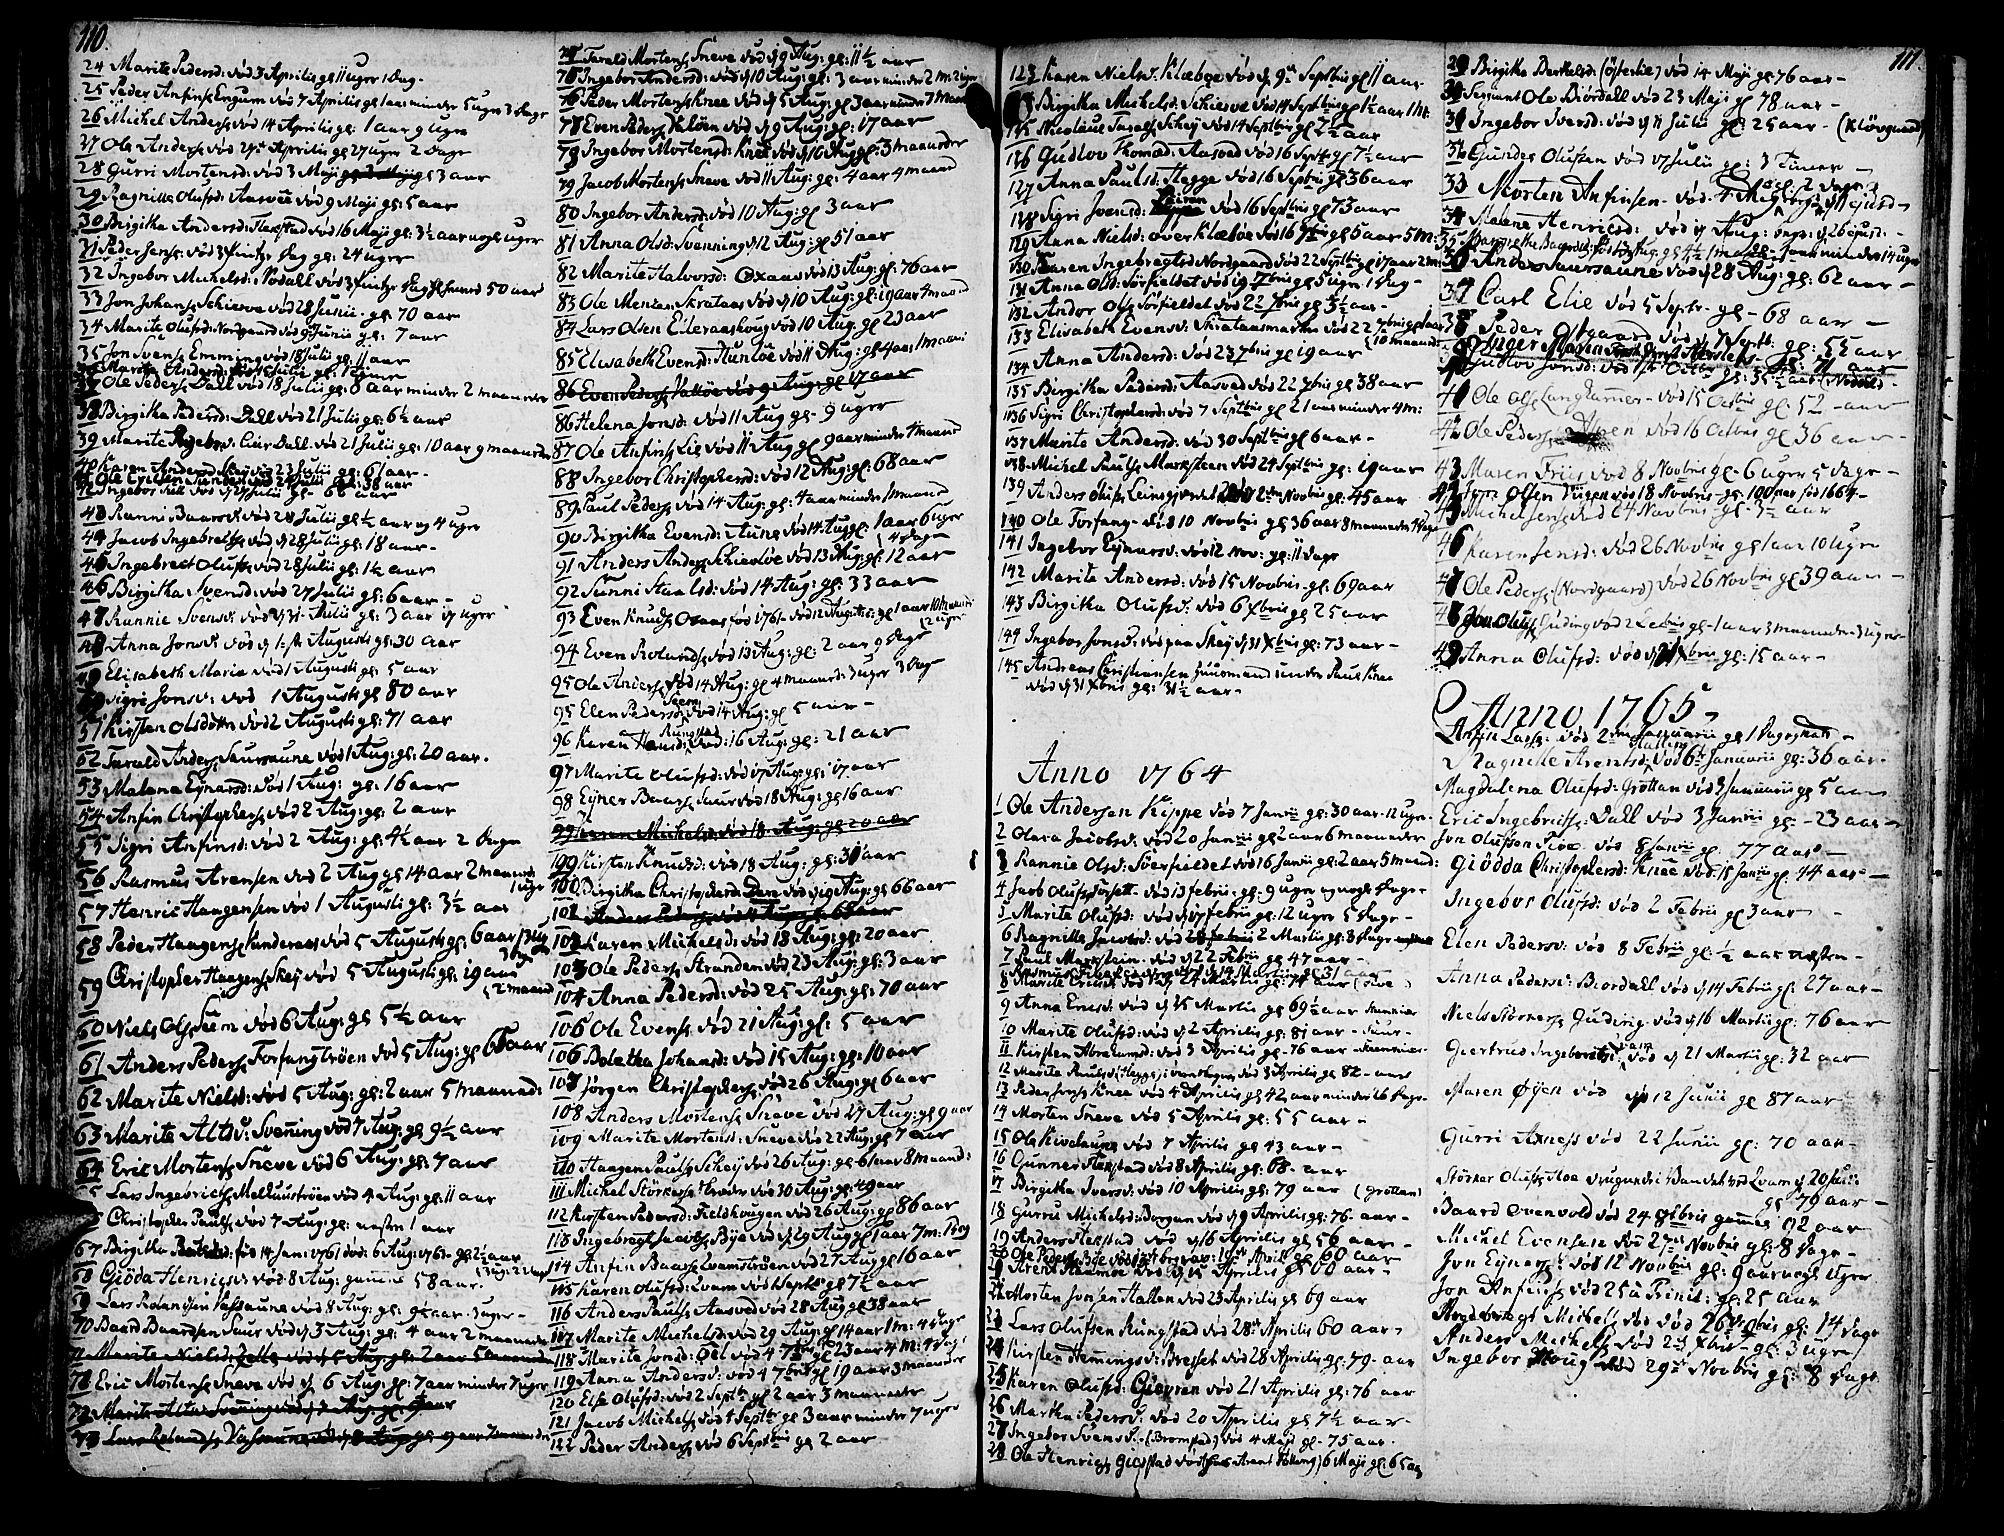 SAT, Ministerialprotokoller, klokkerbøker og fødselsregistre - Nord-Trøndelag, 746/L0440: Ministerialbok nr. 746A02, 1760-1815, s. 110-111